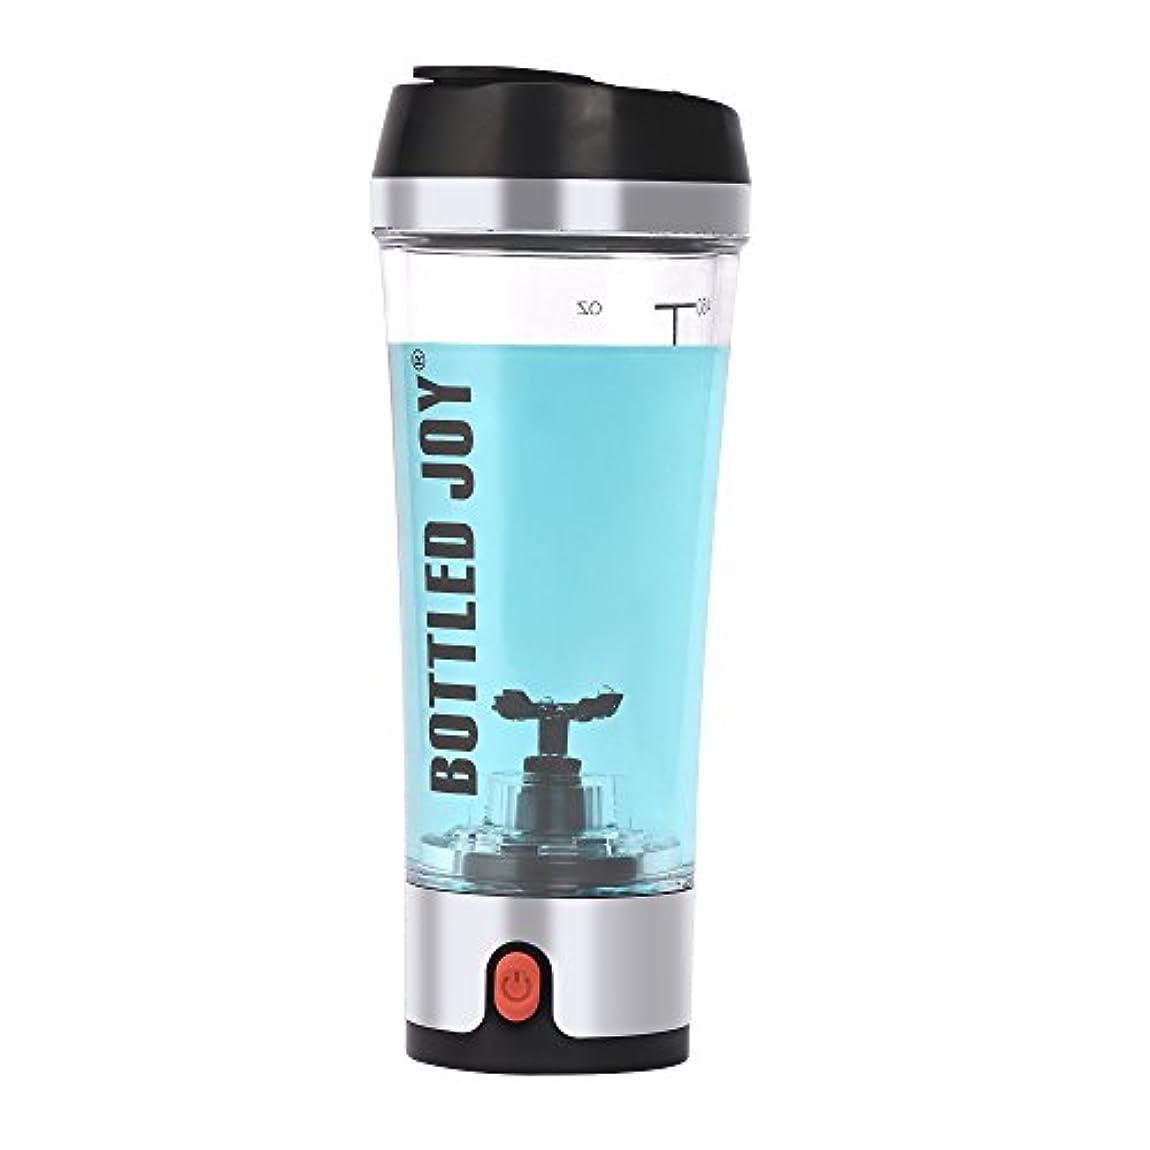 ブリリアント気球大きいBottled Joy Electric Shaker Bottle、USB Rechargeable Protein Shaker、high-torque Stirring Blenderミキサーのスポーツマンと女性16oz...